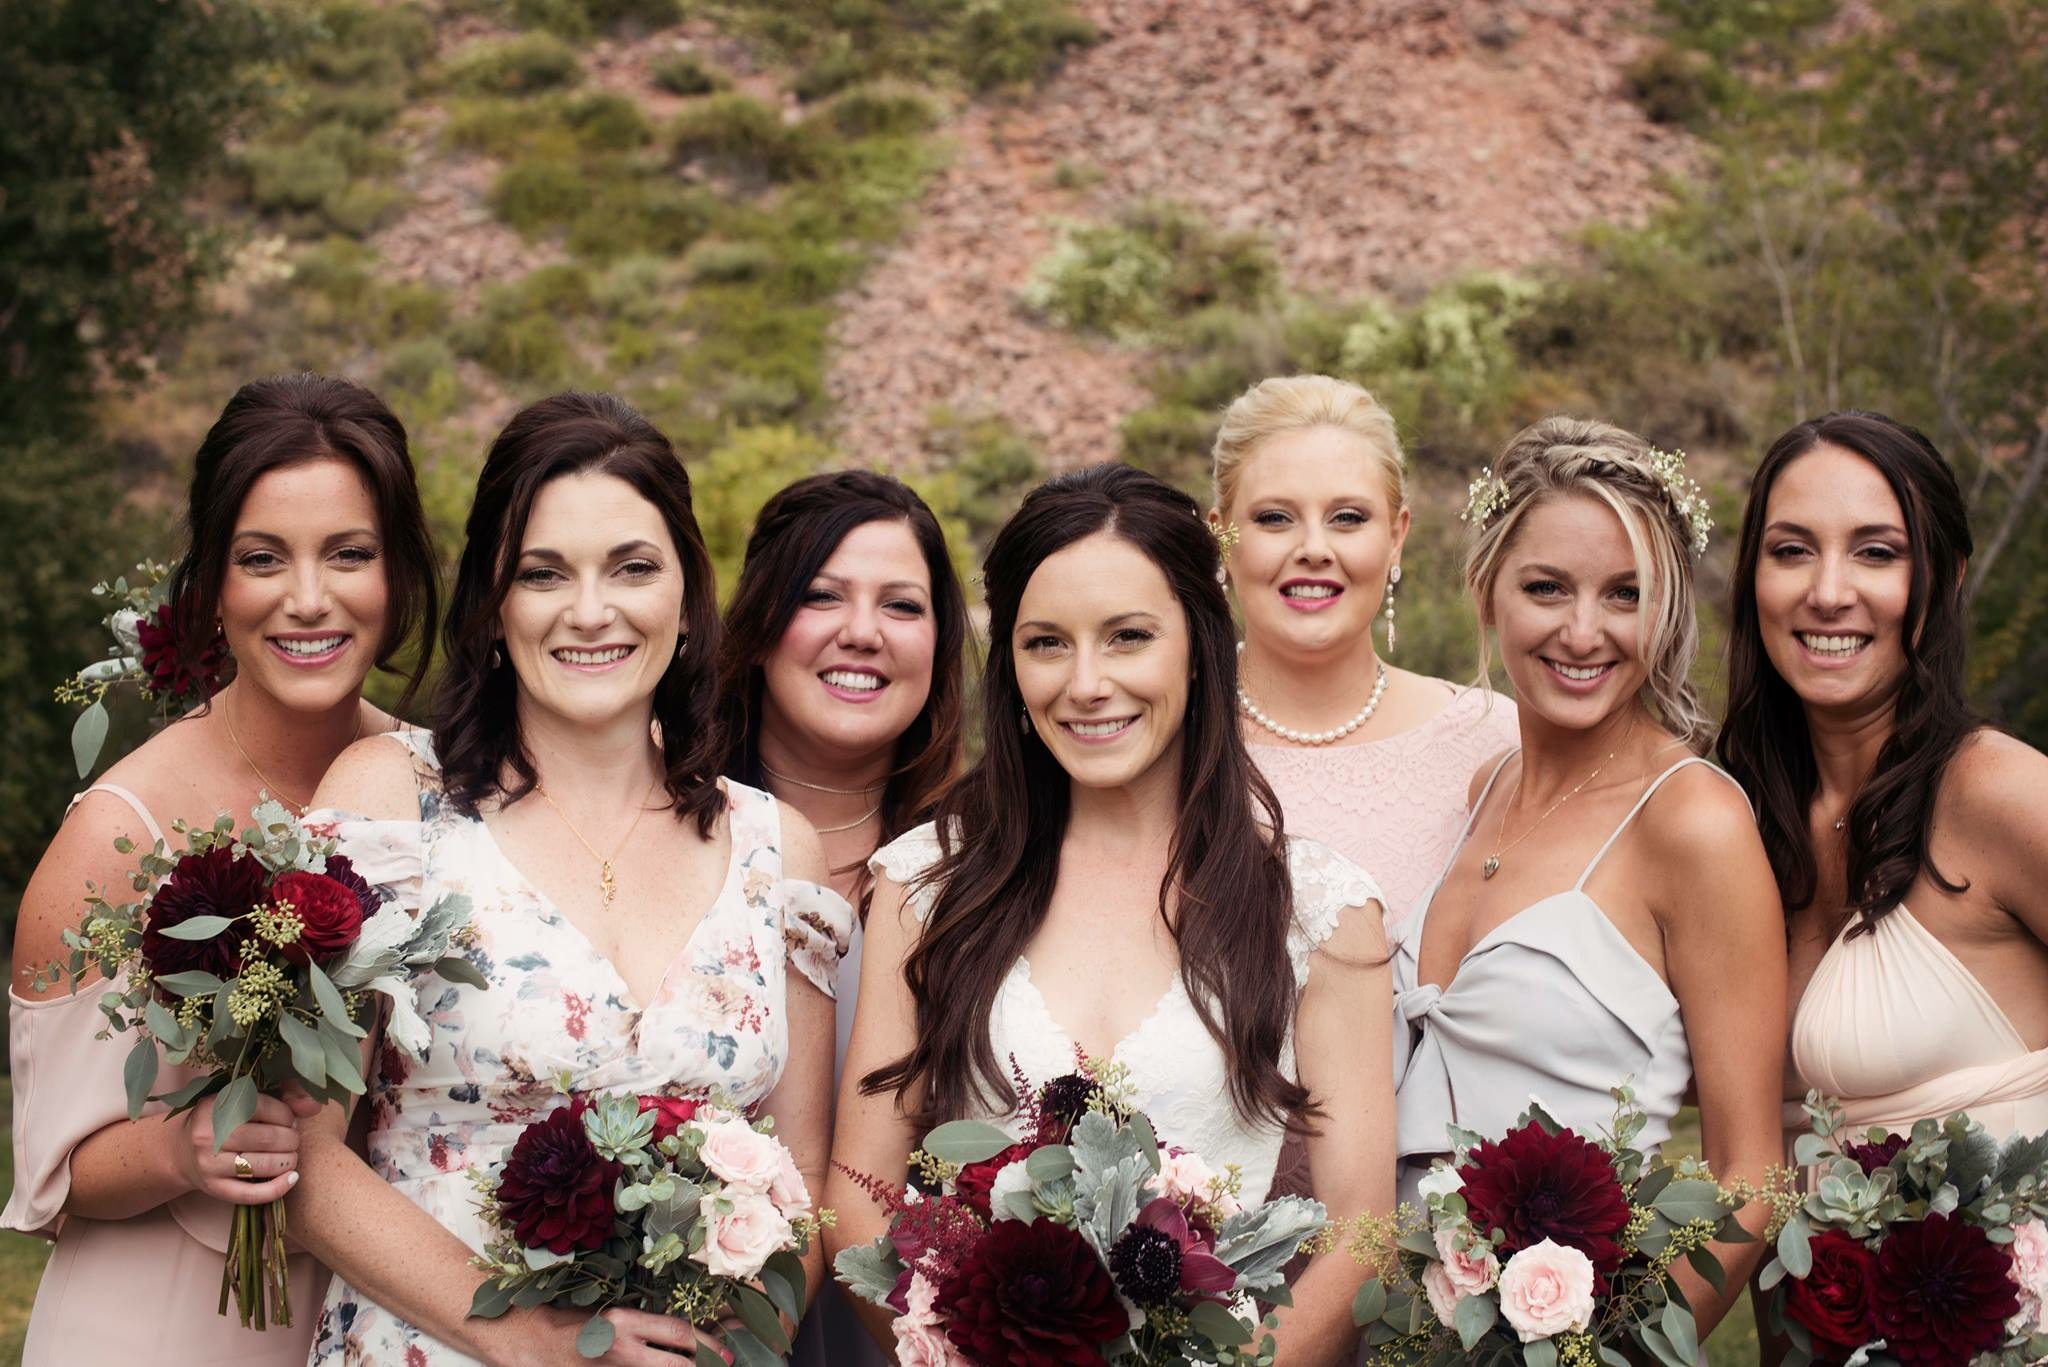 Denver-wedding-hairstylist-planet-bluegrass